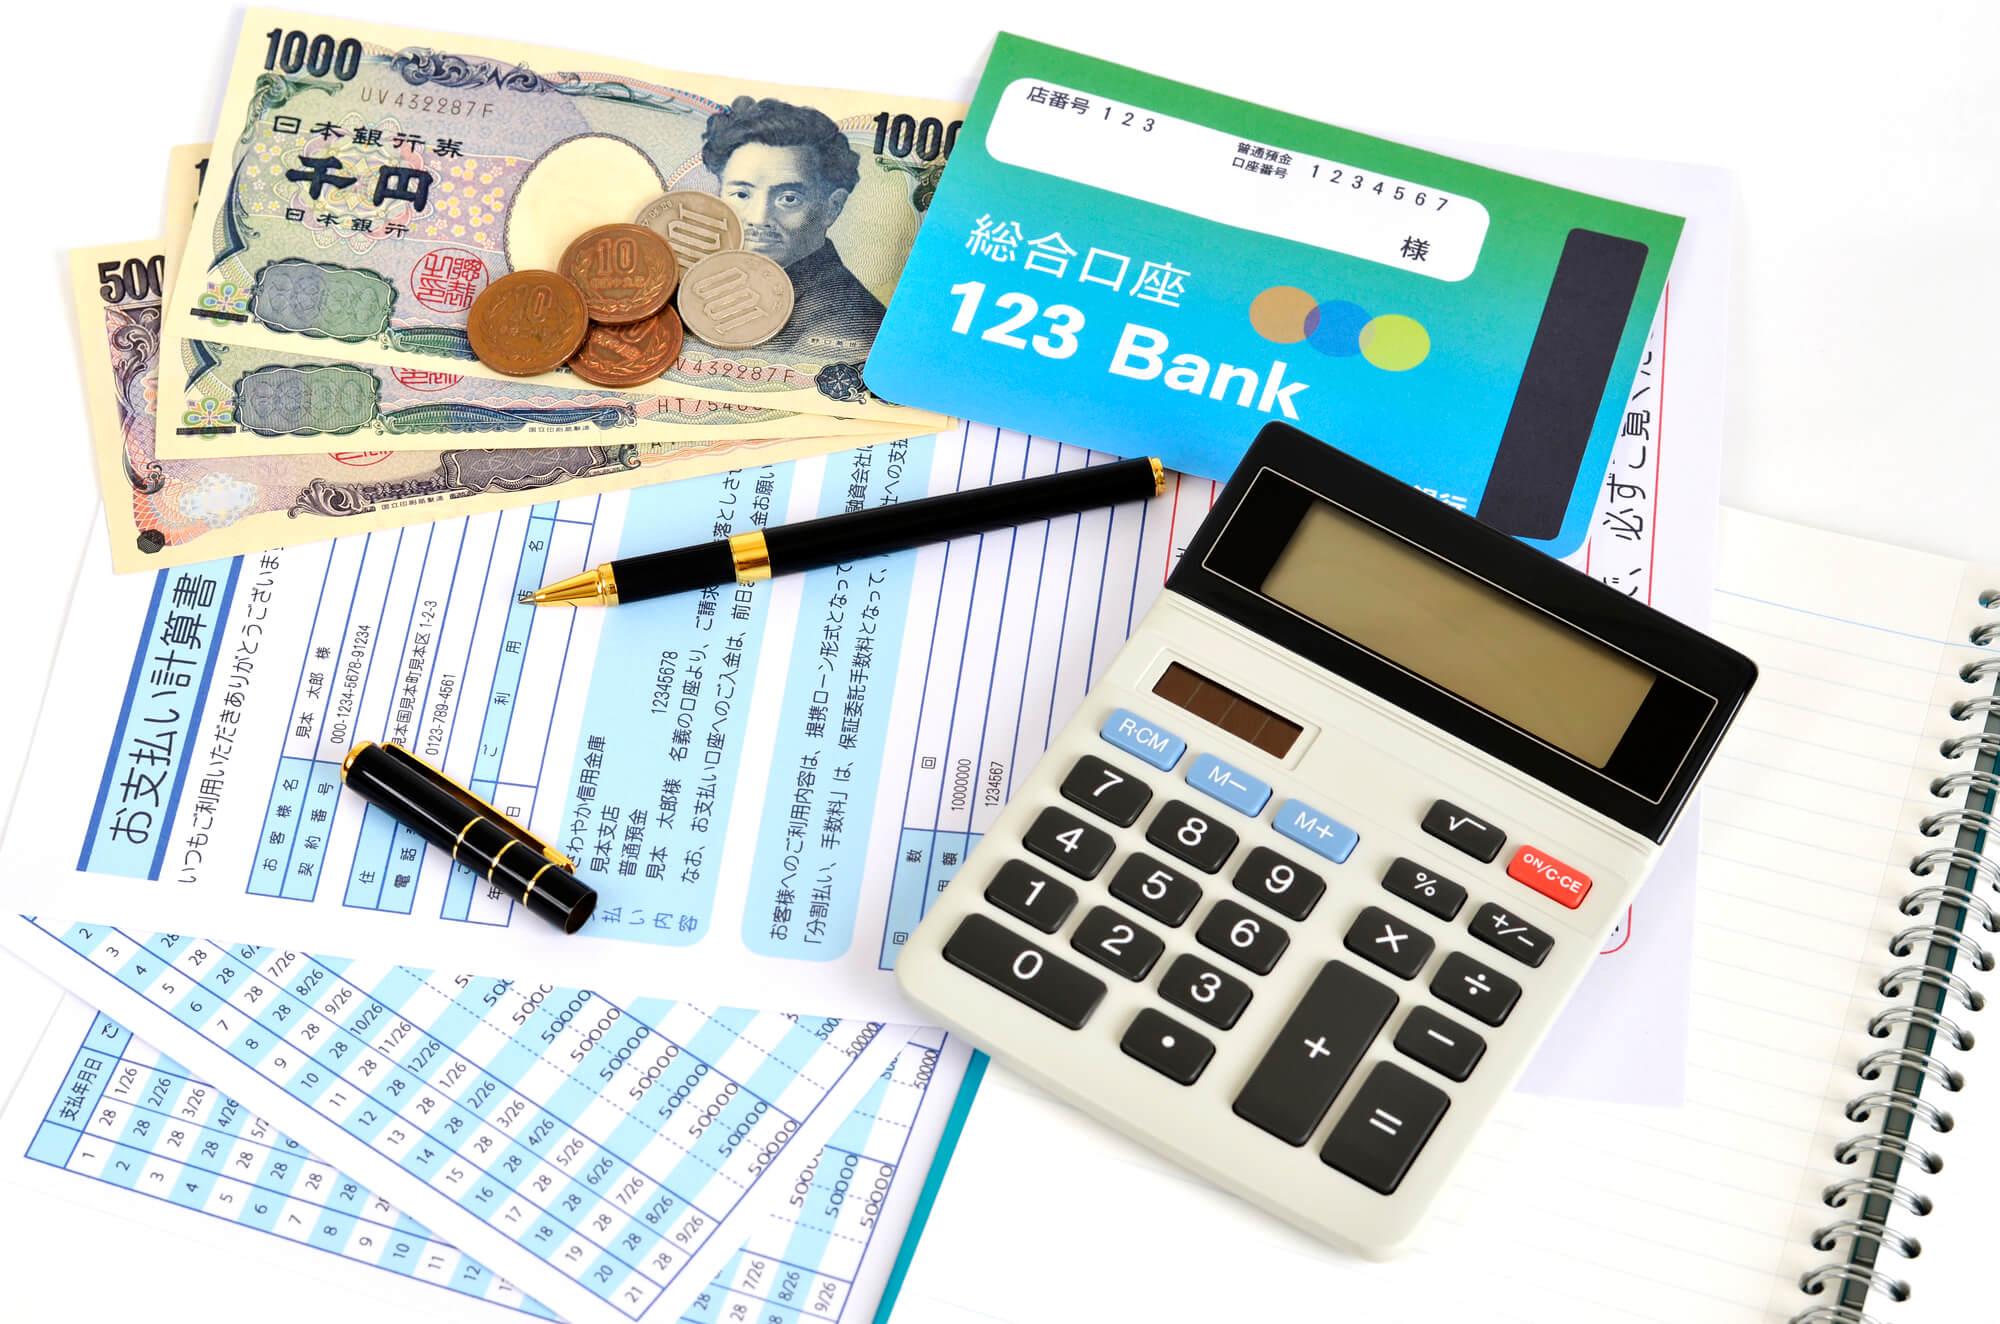 毎月の住宅ローンの返済が辛い人が確認すべき5つの対処方法を紹介